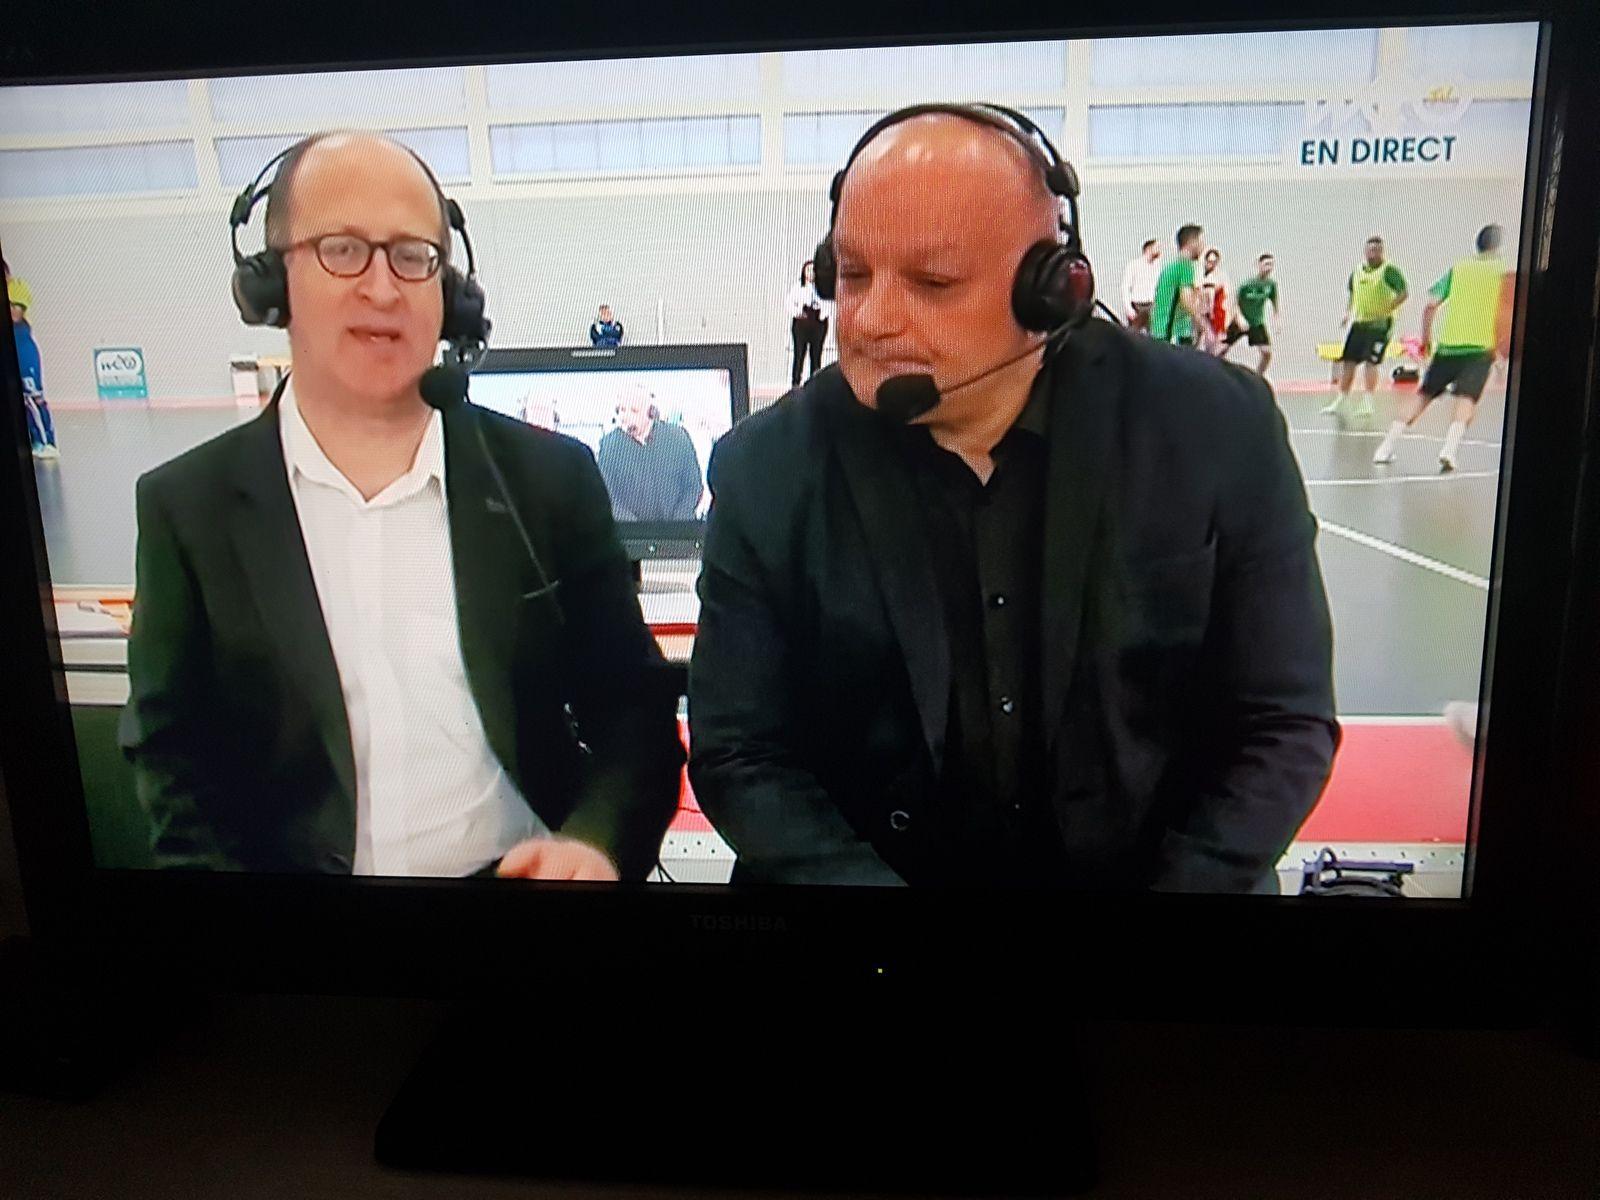 A gauche sur la photo Jean-Philippe Debarge, journaliste sportif, est le fils de la valerguoise Ghislaine Accart